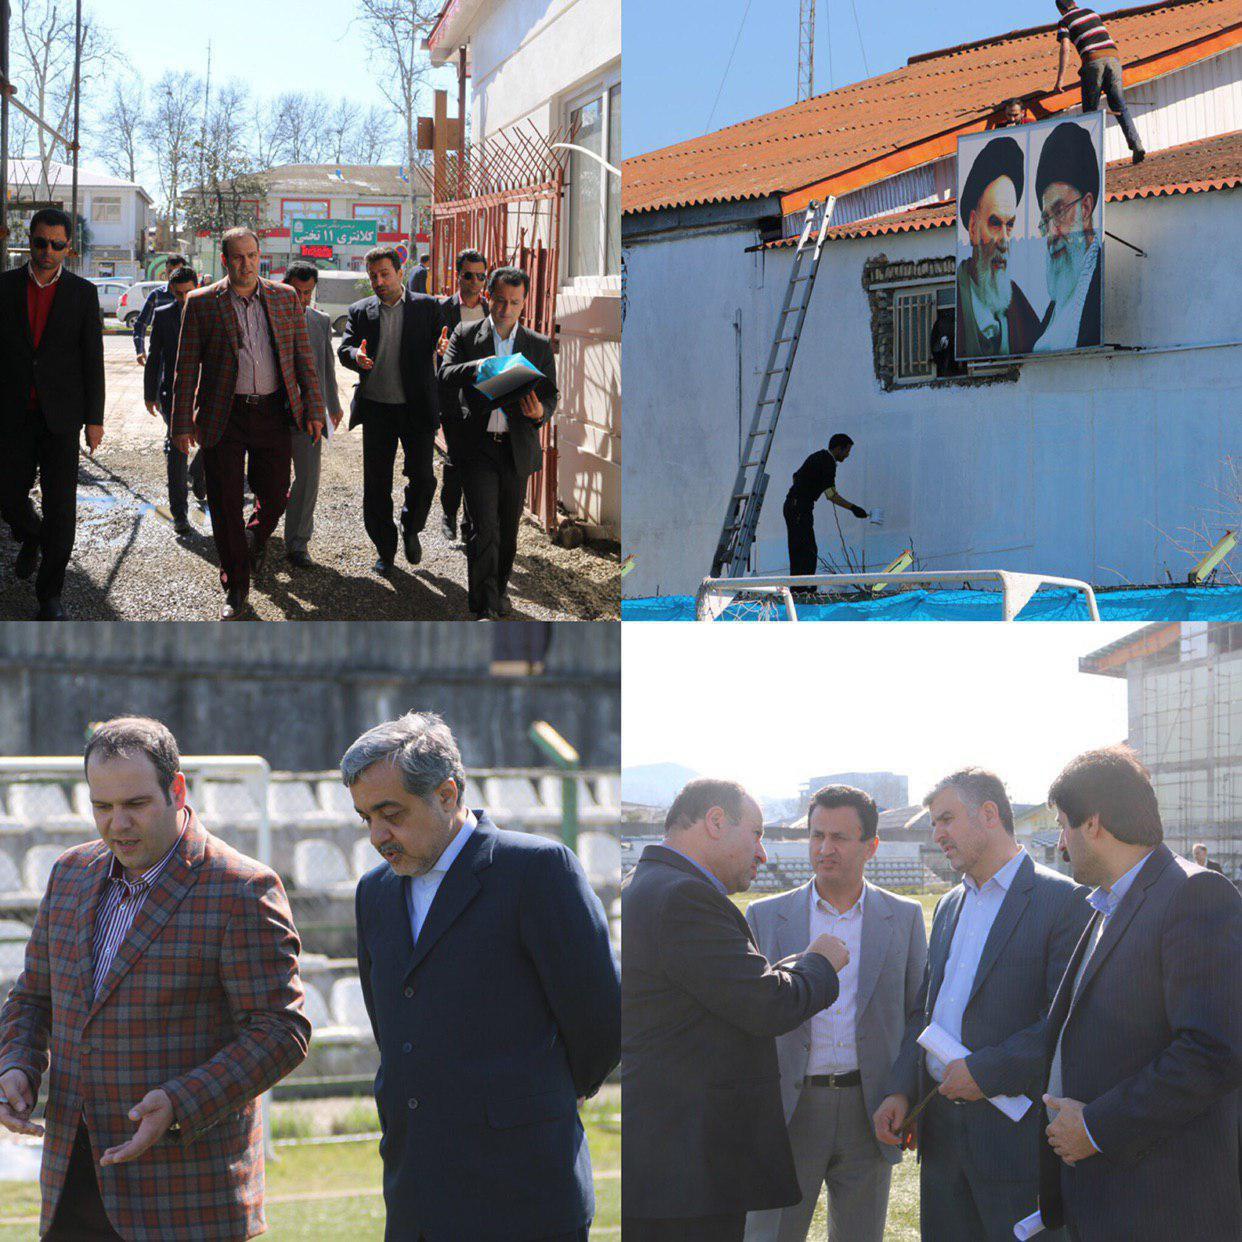 آماده سازی مجموعه ورزشی تختی لاهیجان برای سخنرانی ریاست محترم جمهوری اسلامی ایران